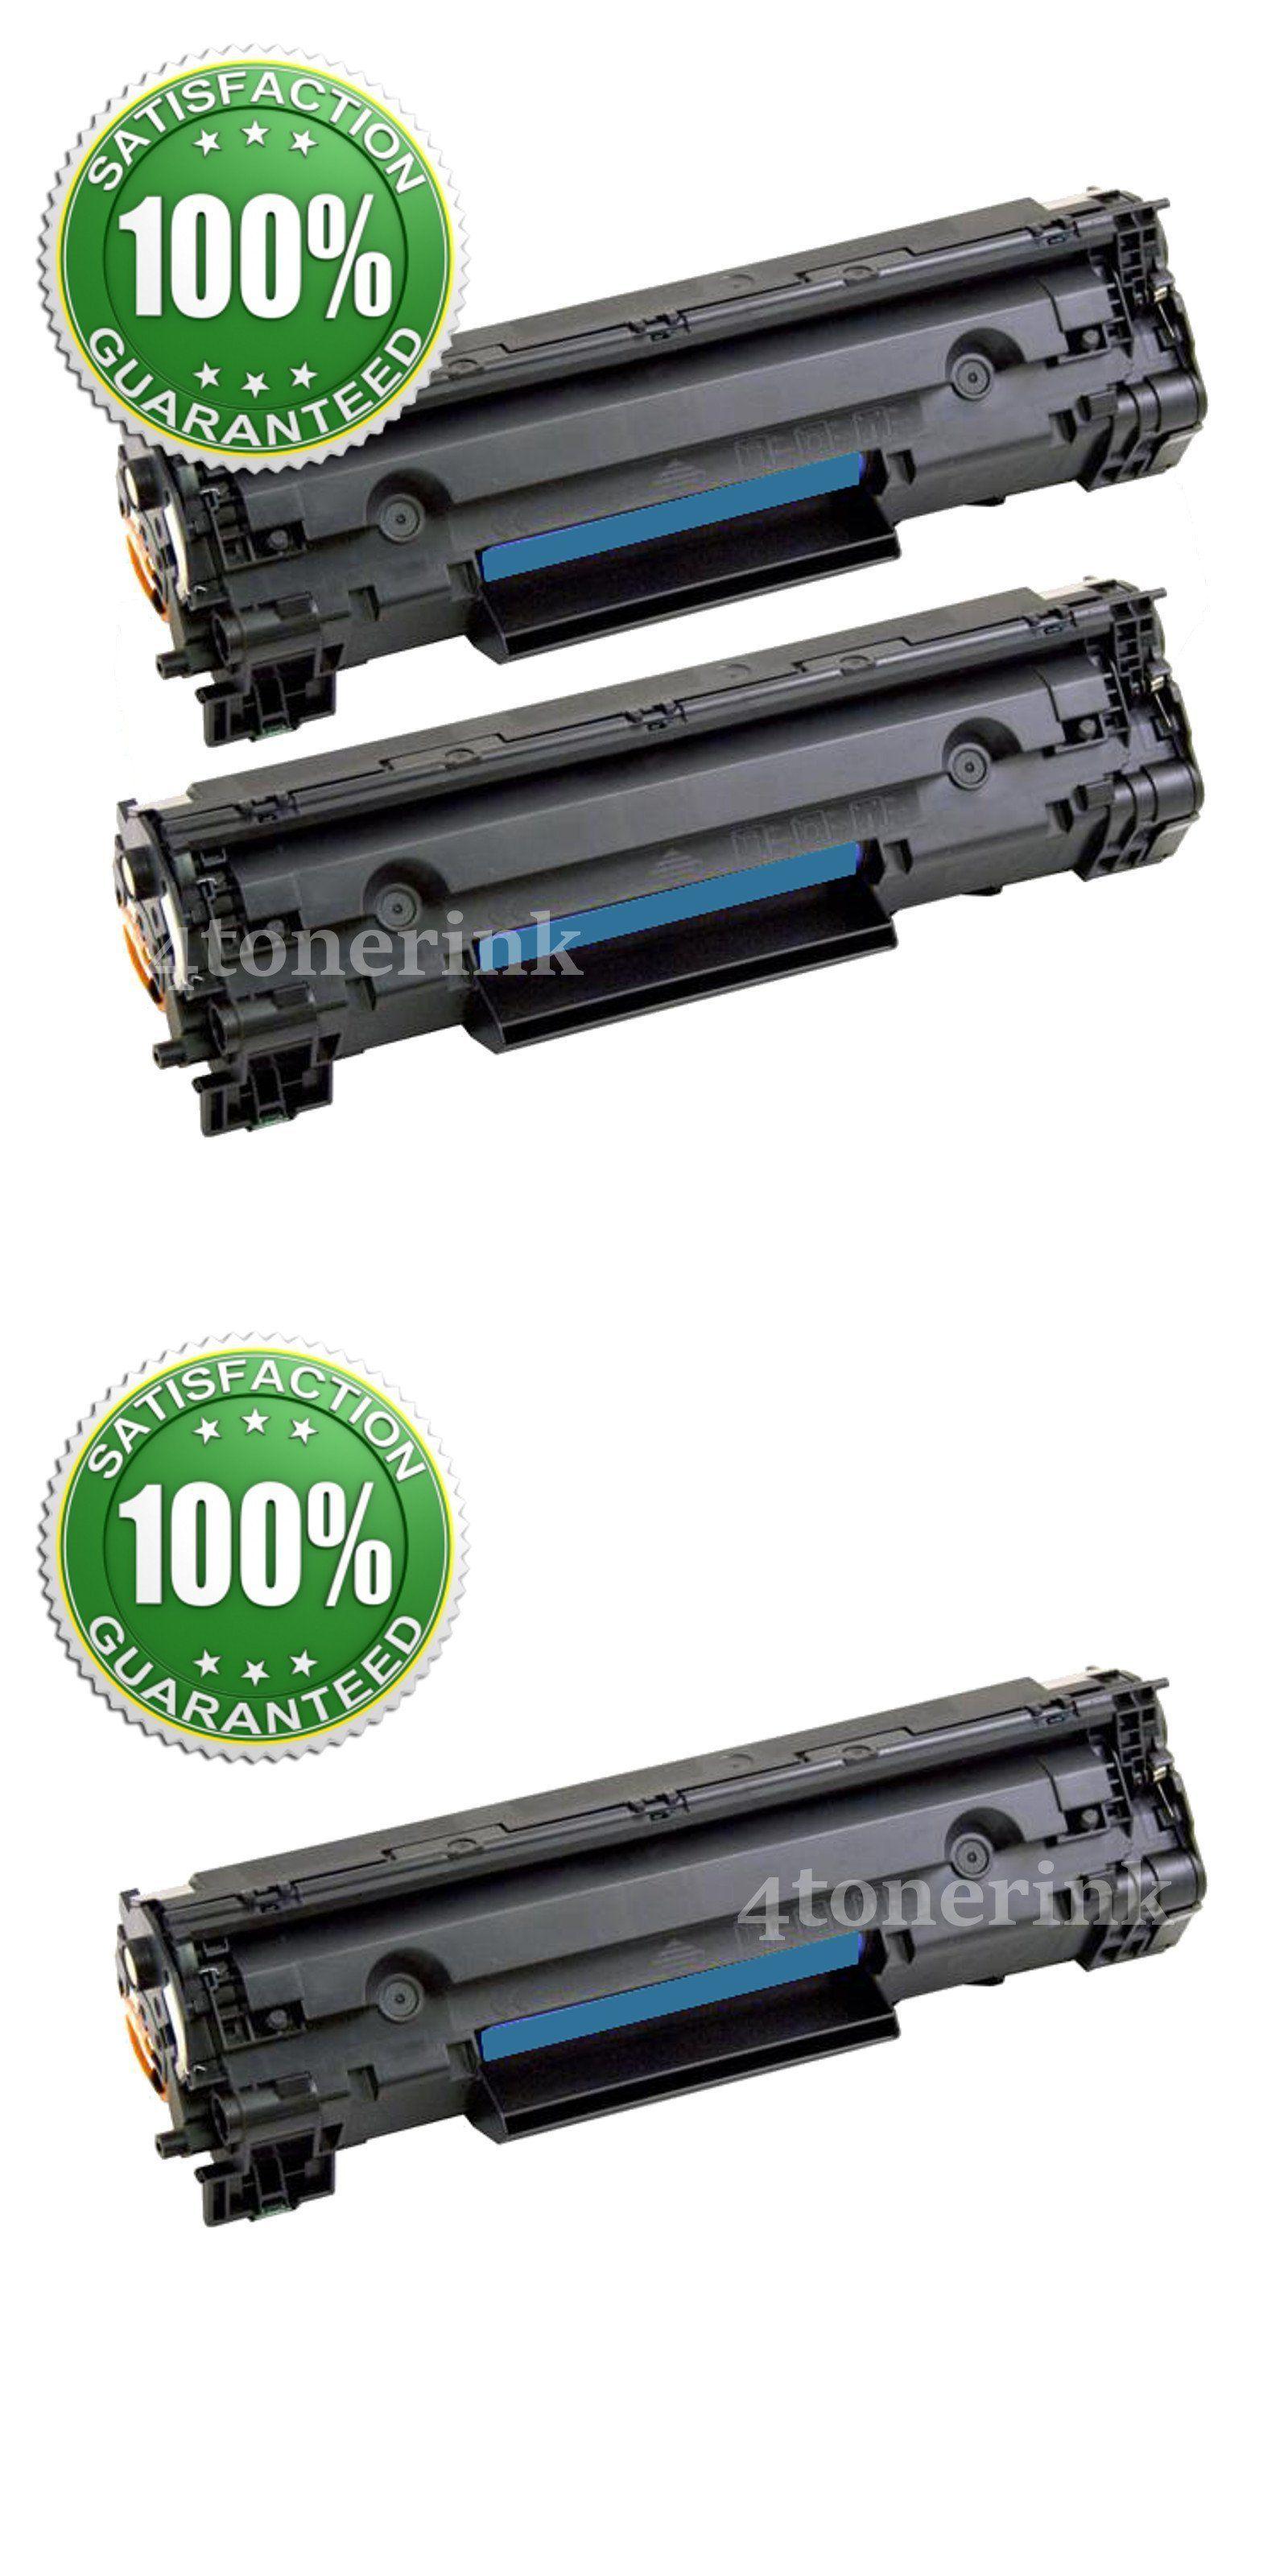 Toner Cartridges 16204 2pk Black Toner Cartridge For Canon 128